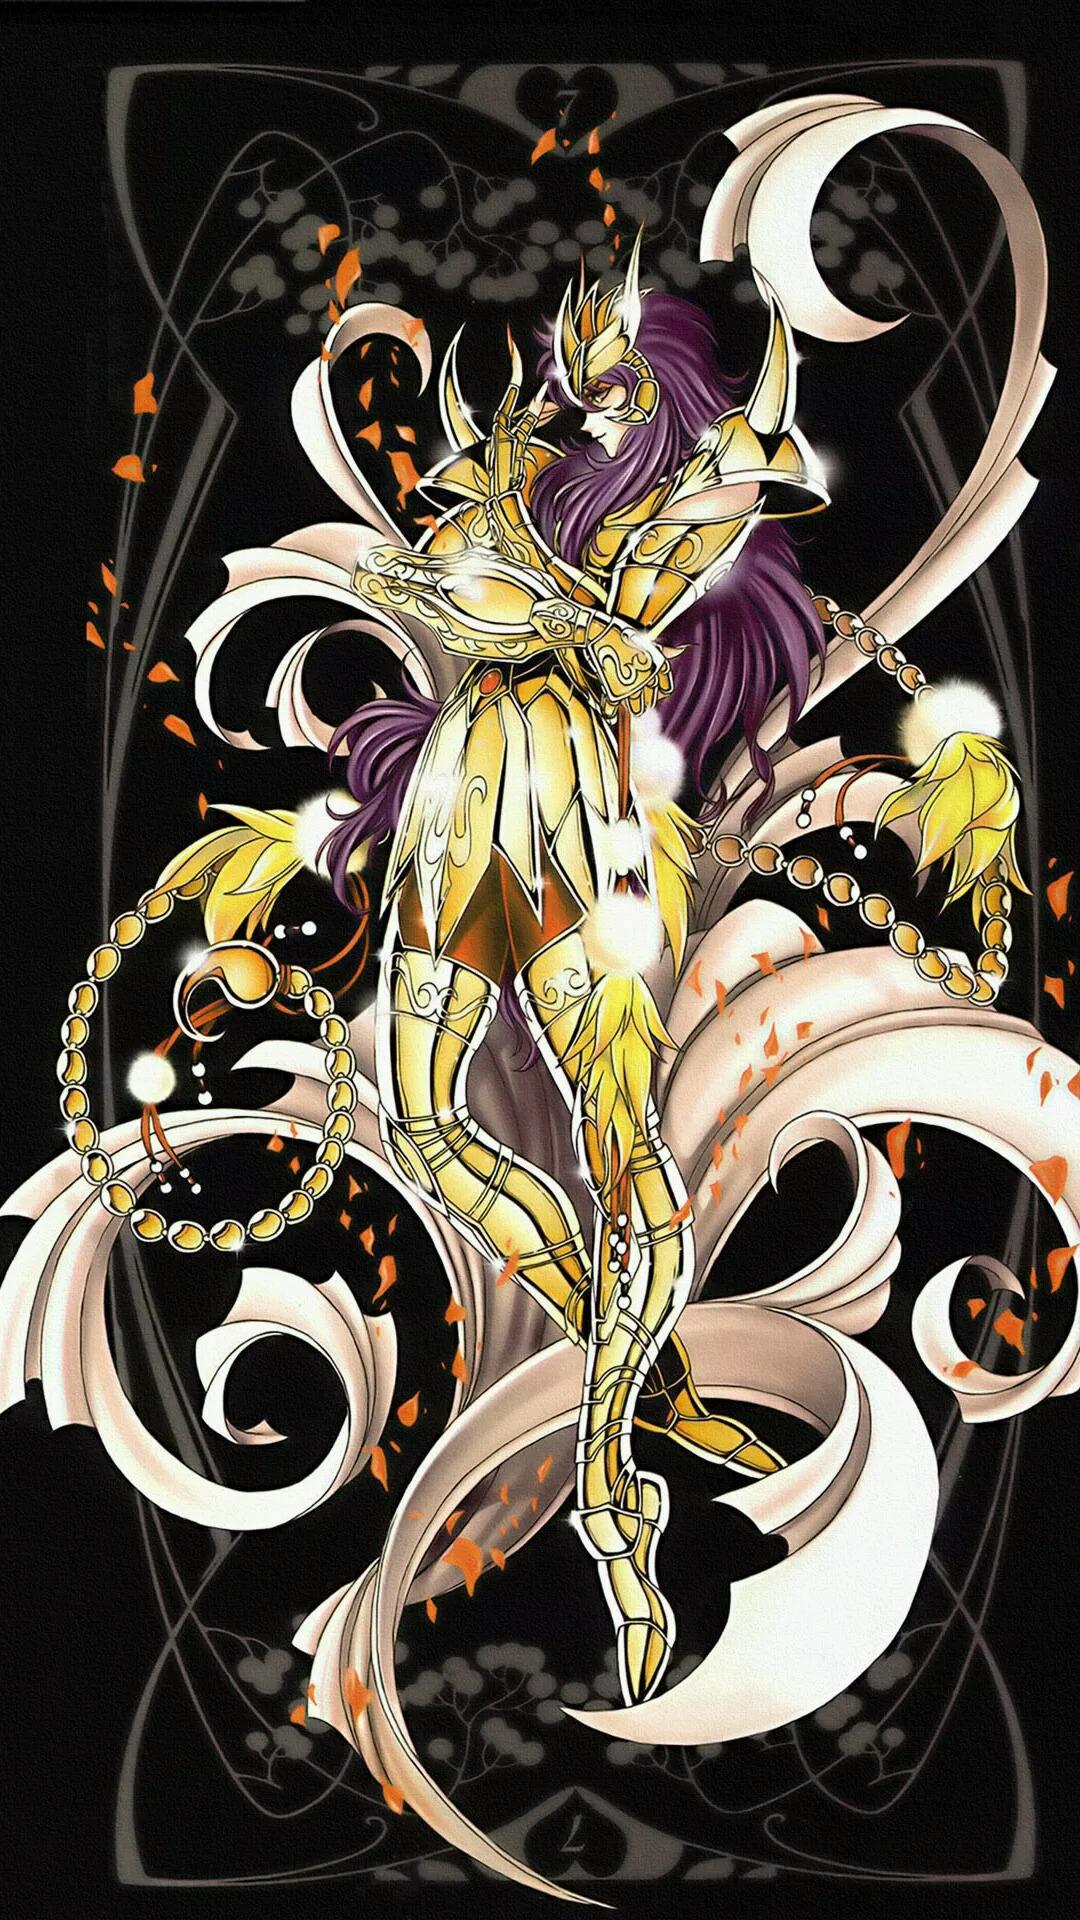 圣斗士:黄道十二宫和黄道十二星座,完全是两回事!白羊座吃货图片